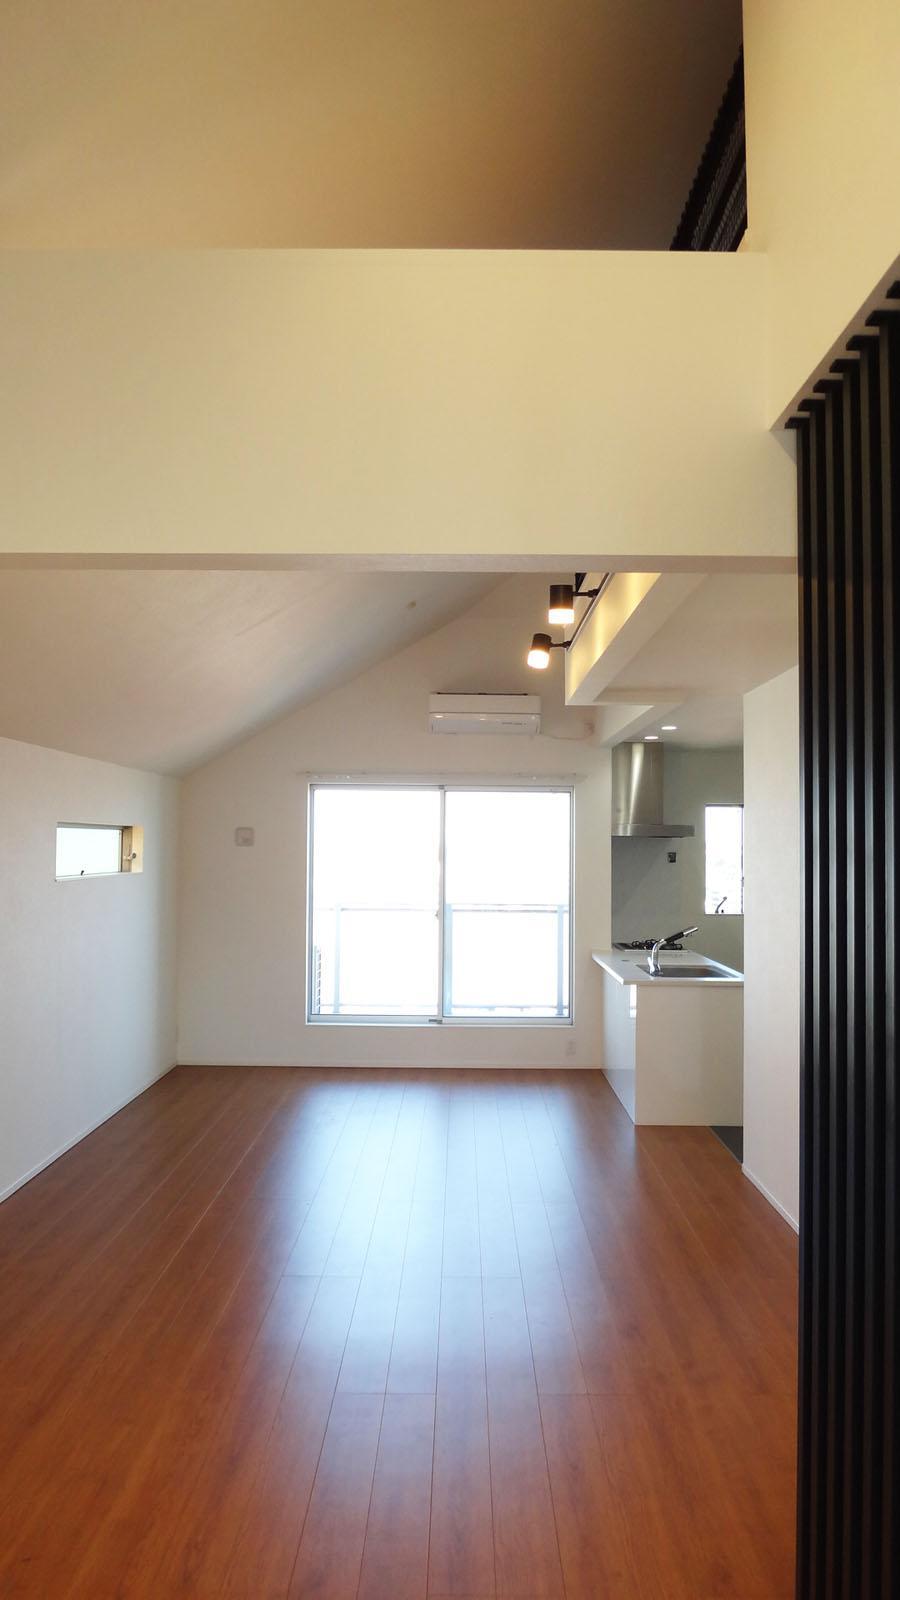 LDKは白い壁・天井と表情の良い床材でシンプルにまとまっています